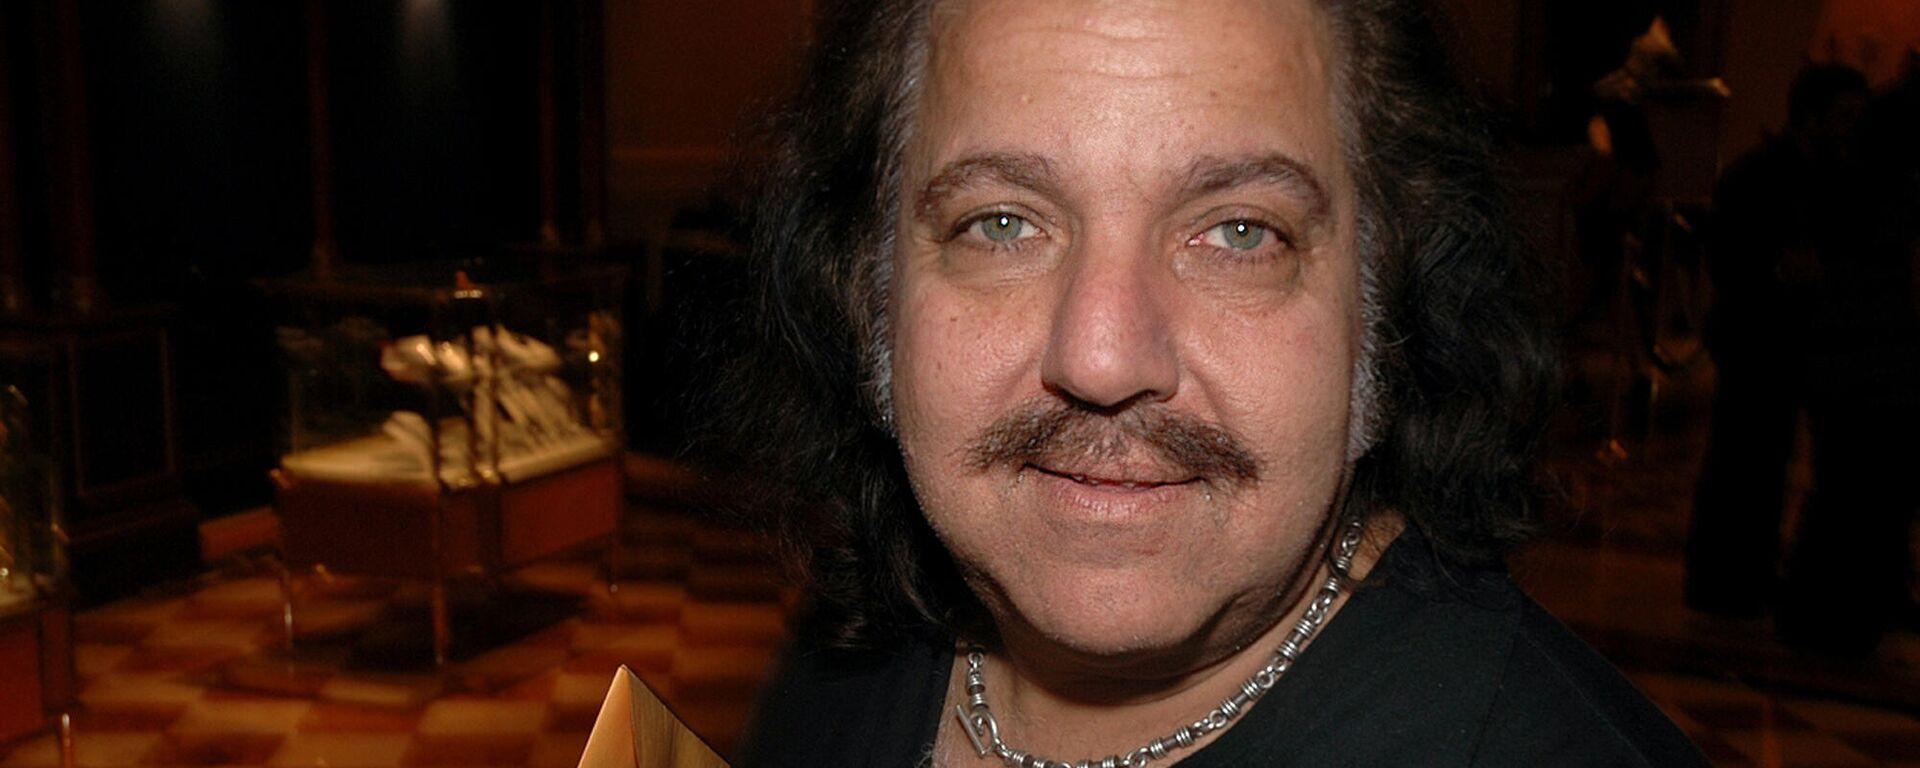 Ron Jeremy  nel 2008 - Sputnik Italia, 1920, 26.08.2021